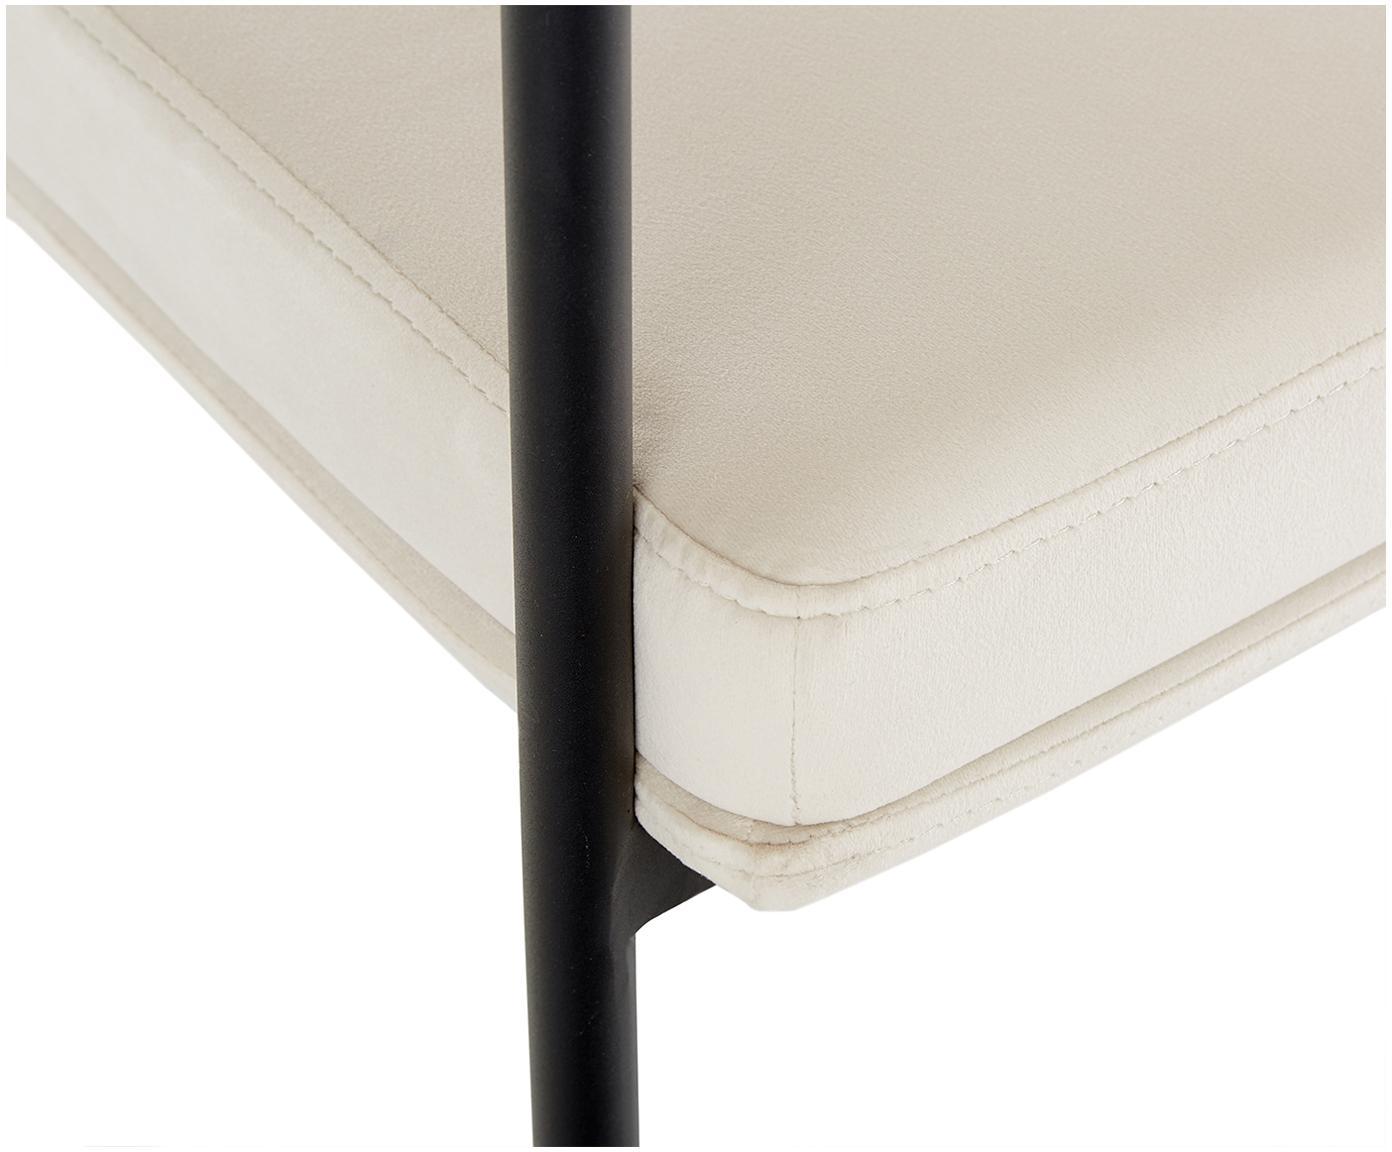 Krzesło z aksamitu z podłokietnikami Zoe, Tapicerka: aksamit (poliester) 50 00, Stelaż: metal malowany proszkowo, Aksamitny kremowobiały, S 56 x G 62 cm